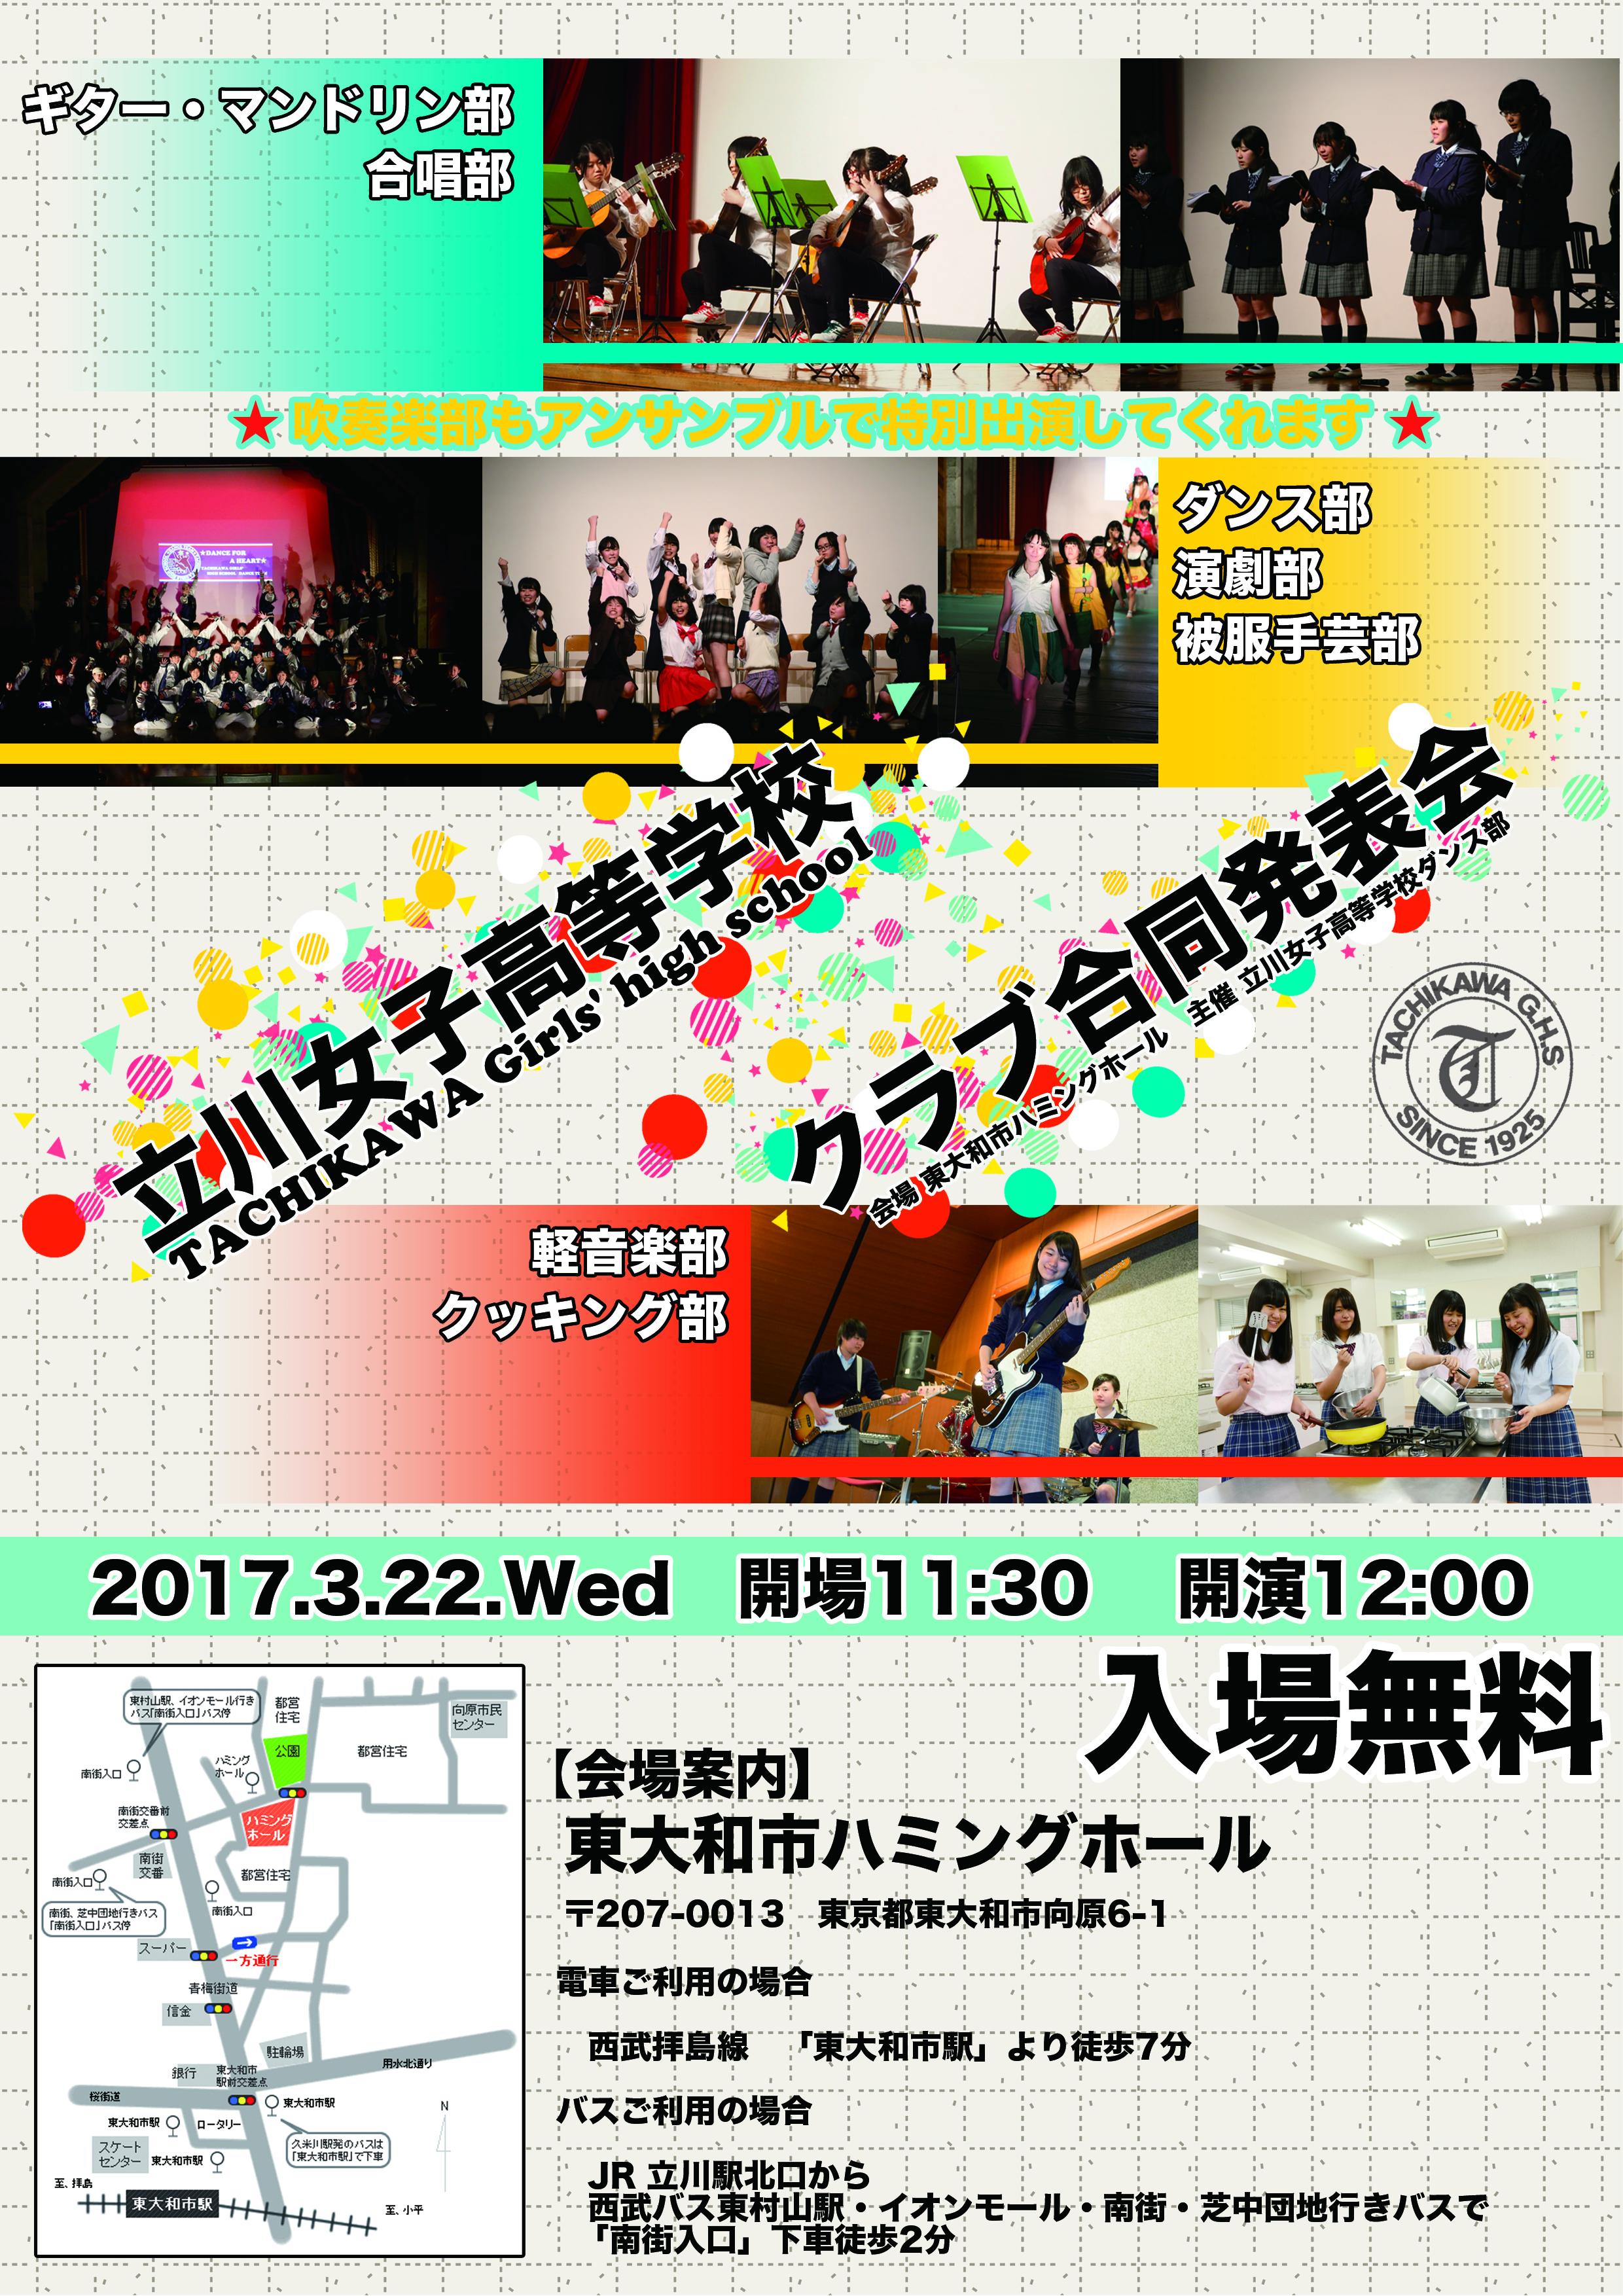 クラブ合同発表会を開催します。